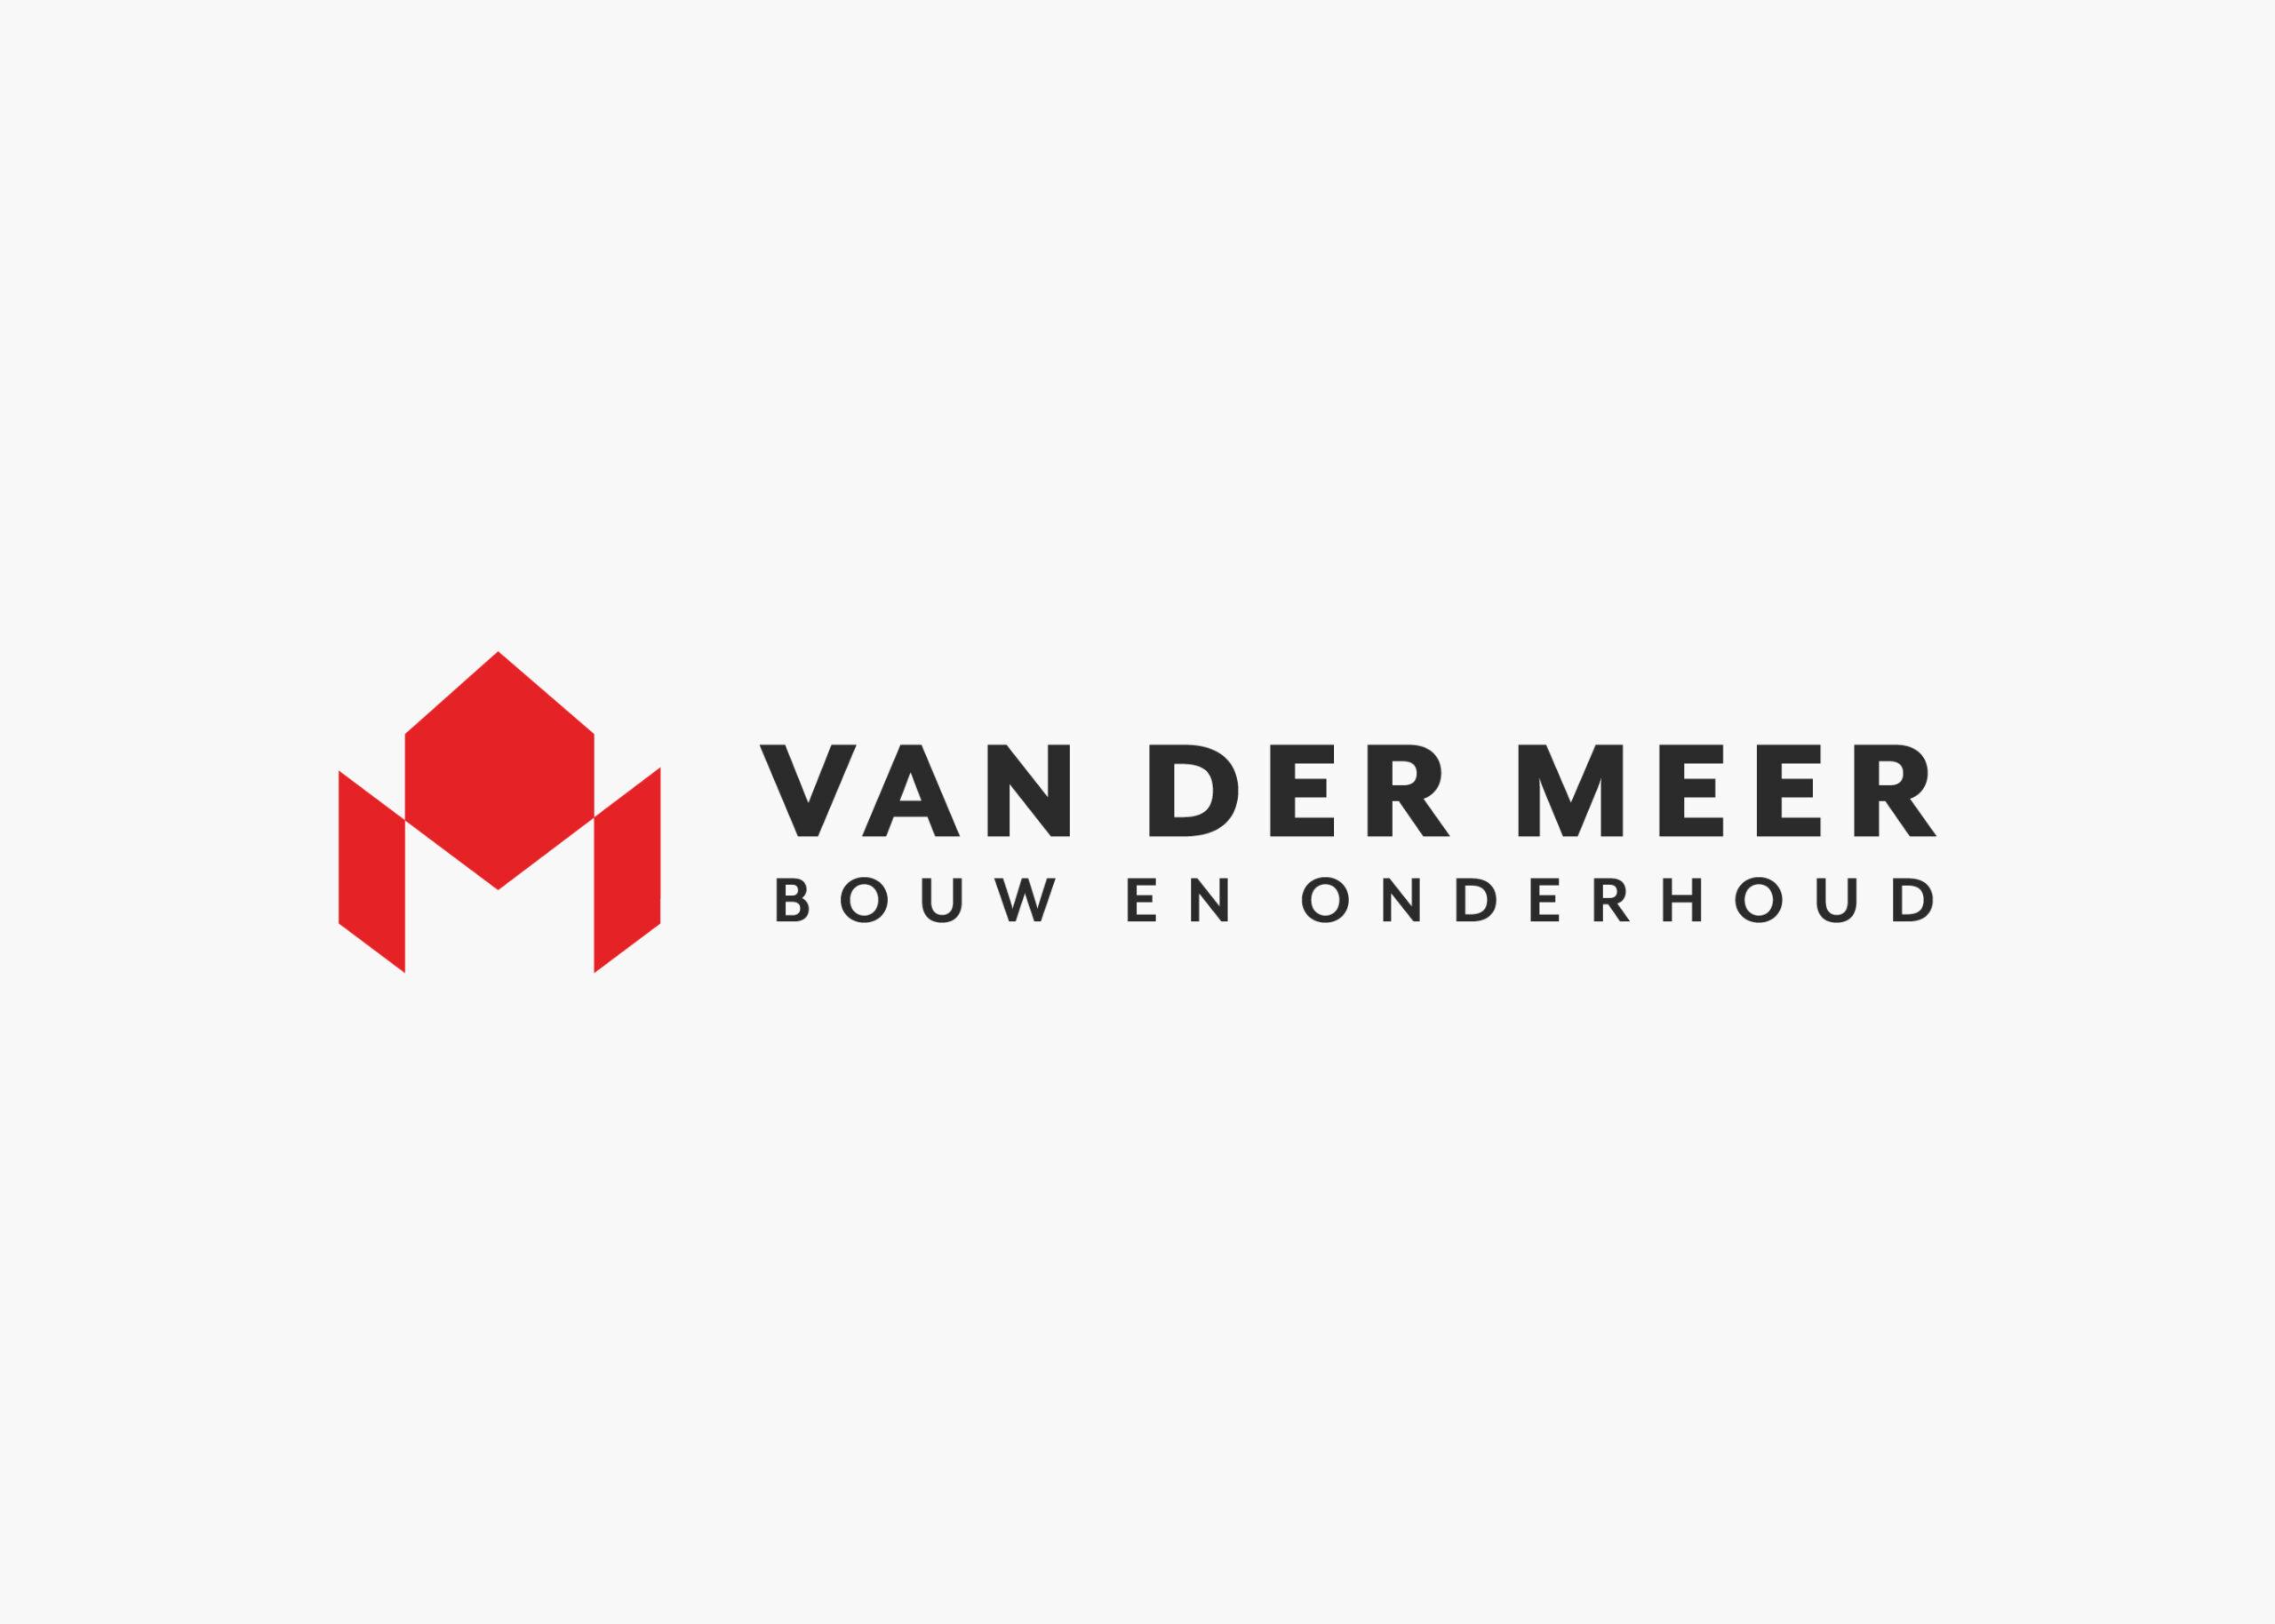 Logo-ontwerp-Van-der-Meer-Bouw-onderhoud-designer-ontwerper-burowit-kampen-ontwerpbureau-Thirza-Bakker